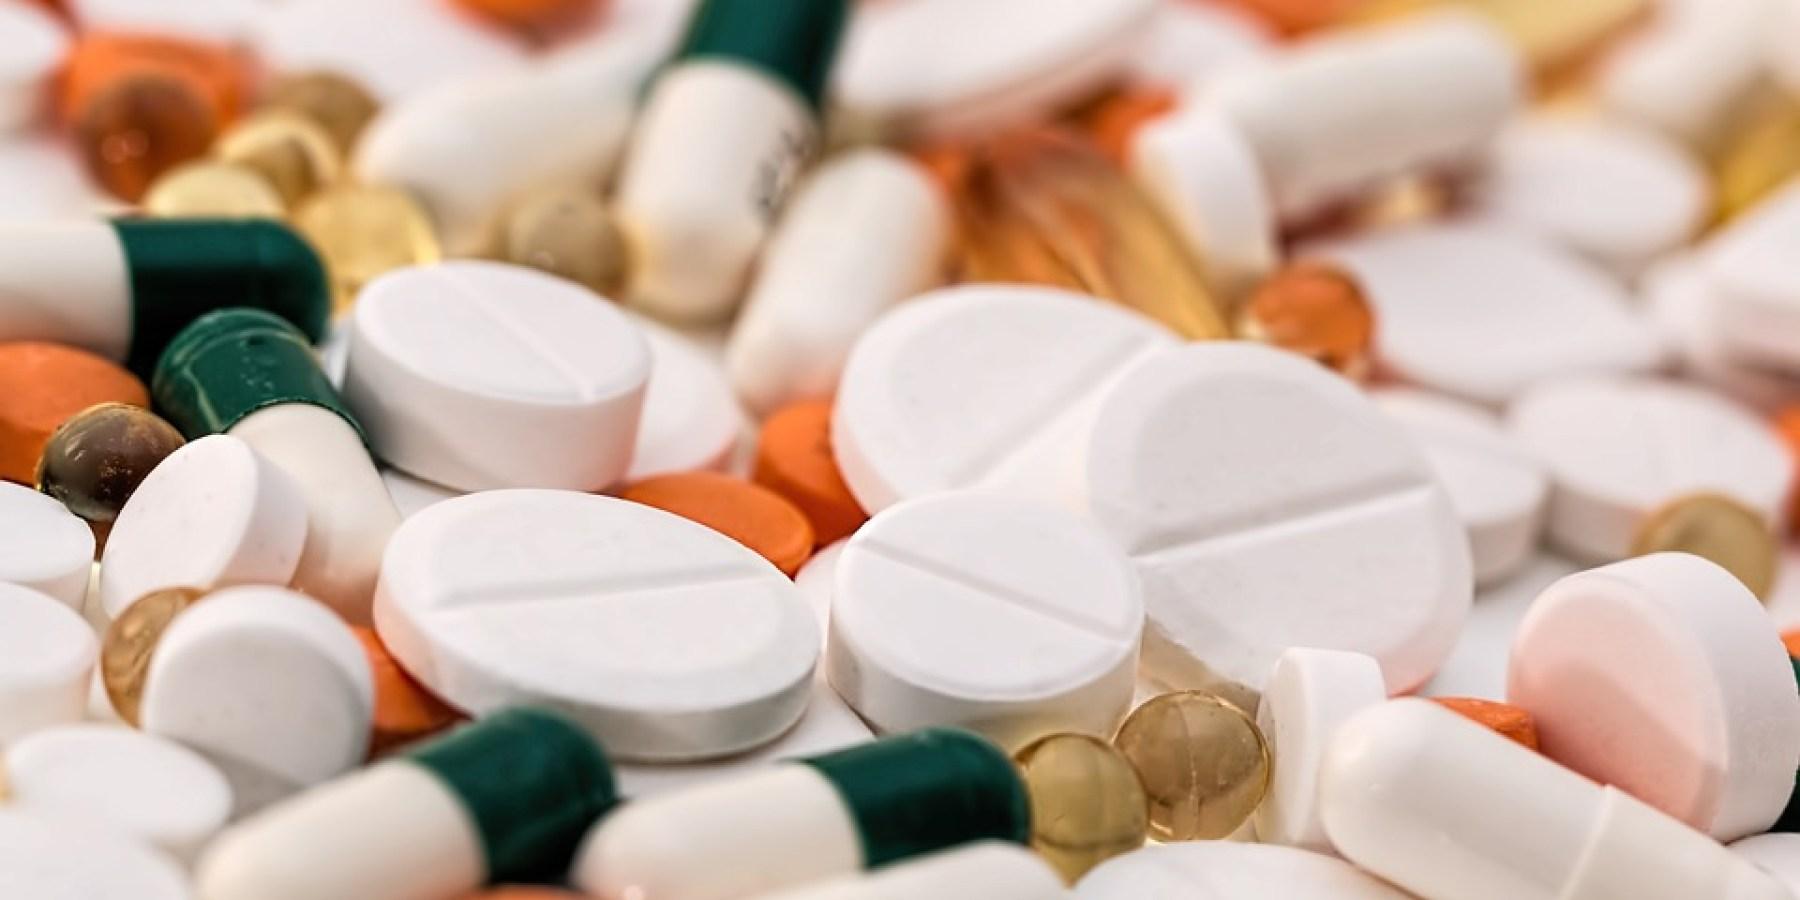 Jede Zwölfte Frau nimmt Schmerzmittel gegen Regelbeschwerden